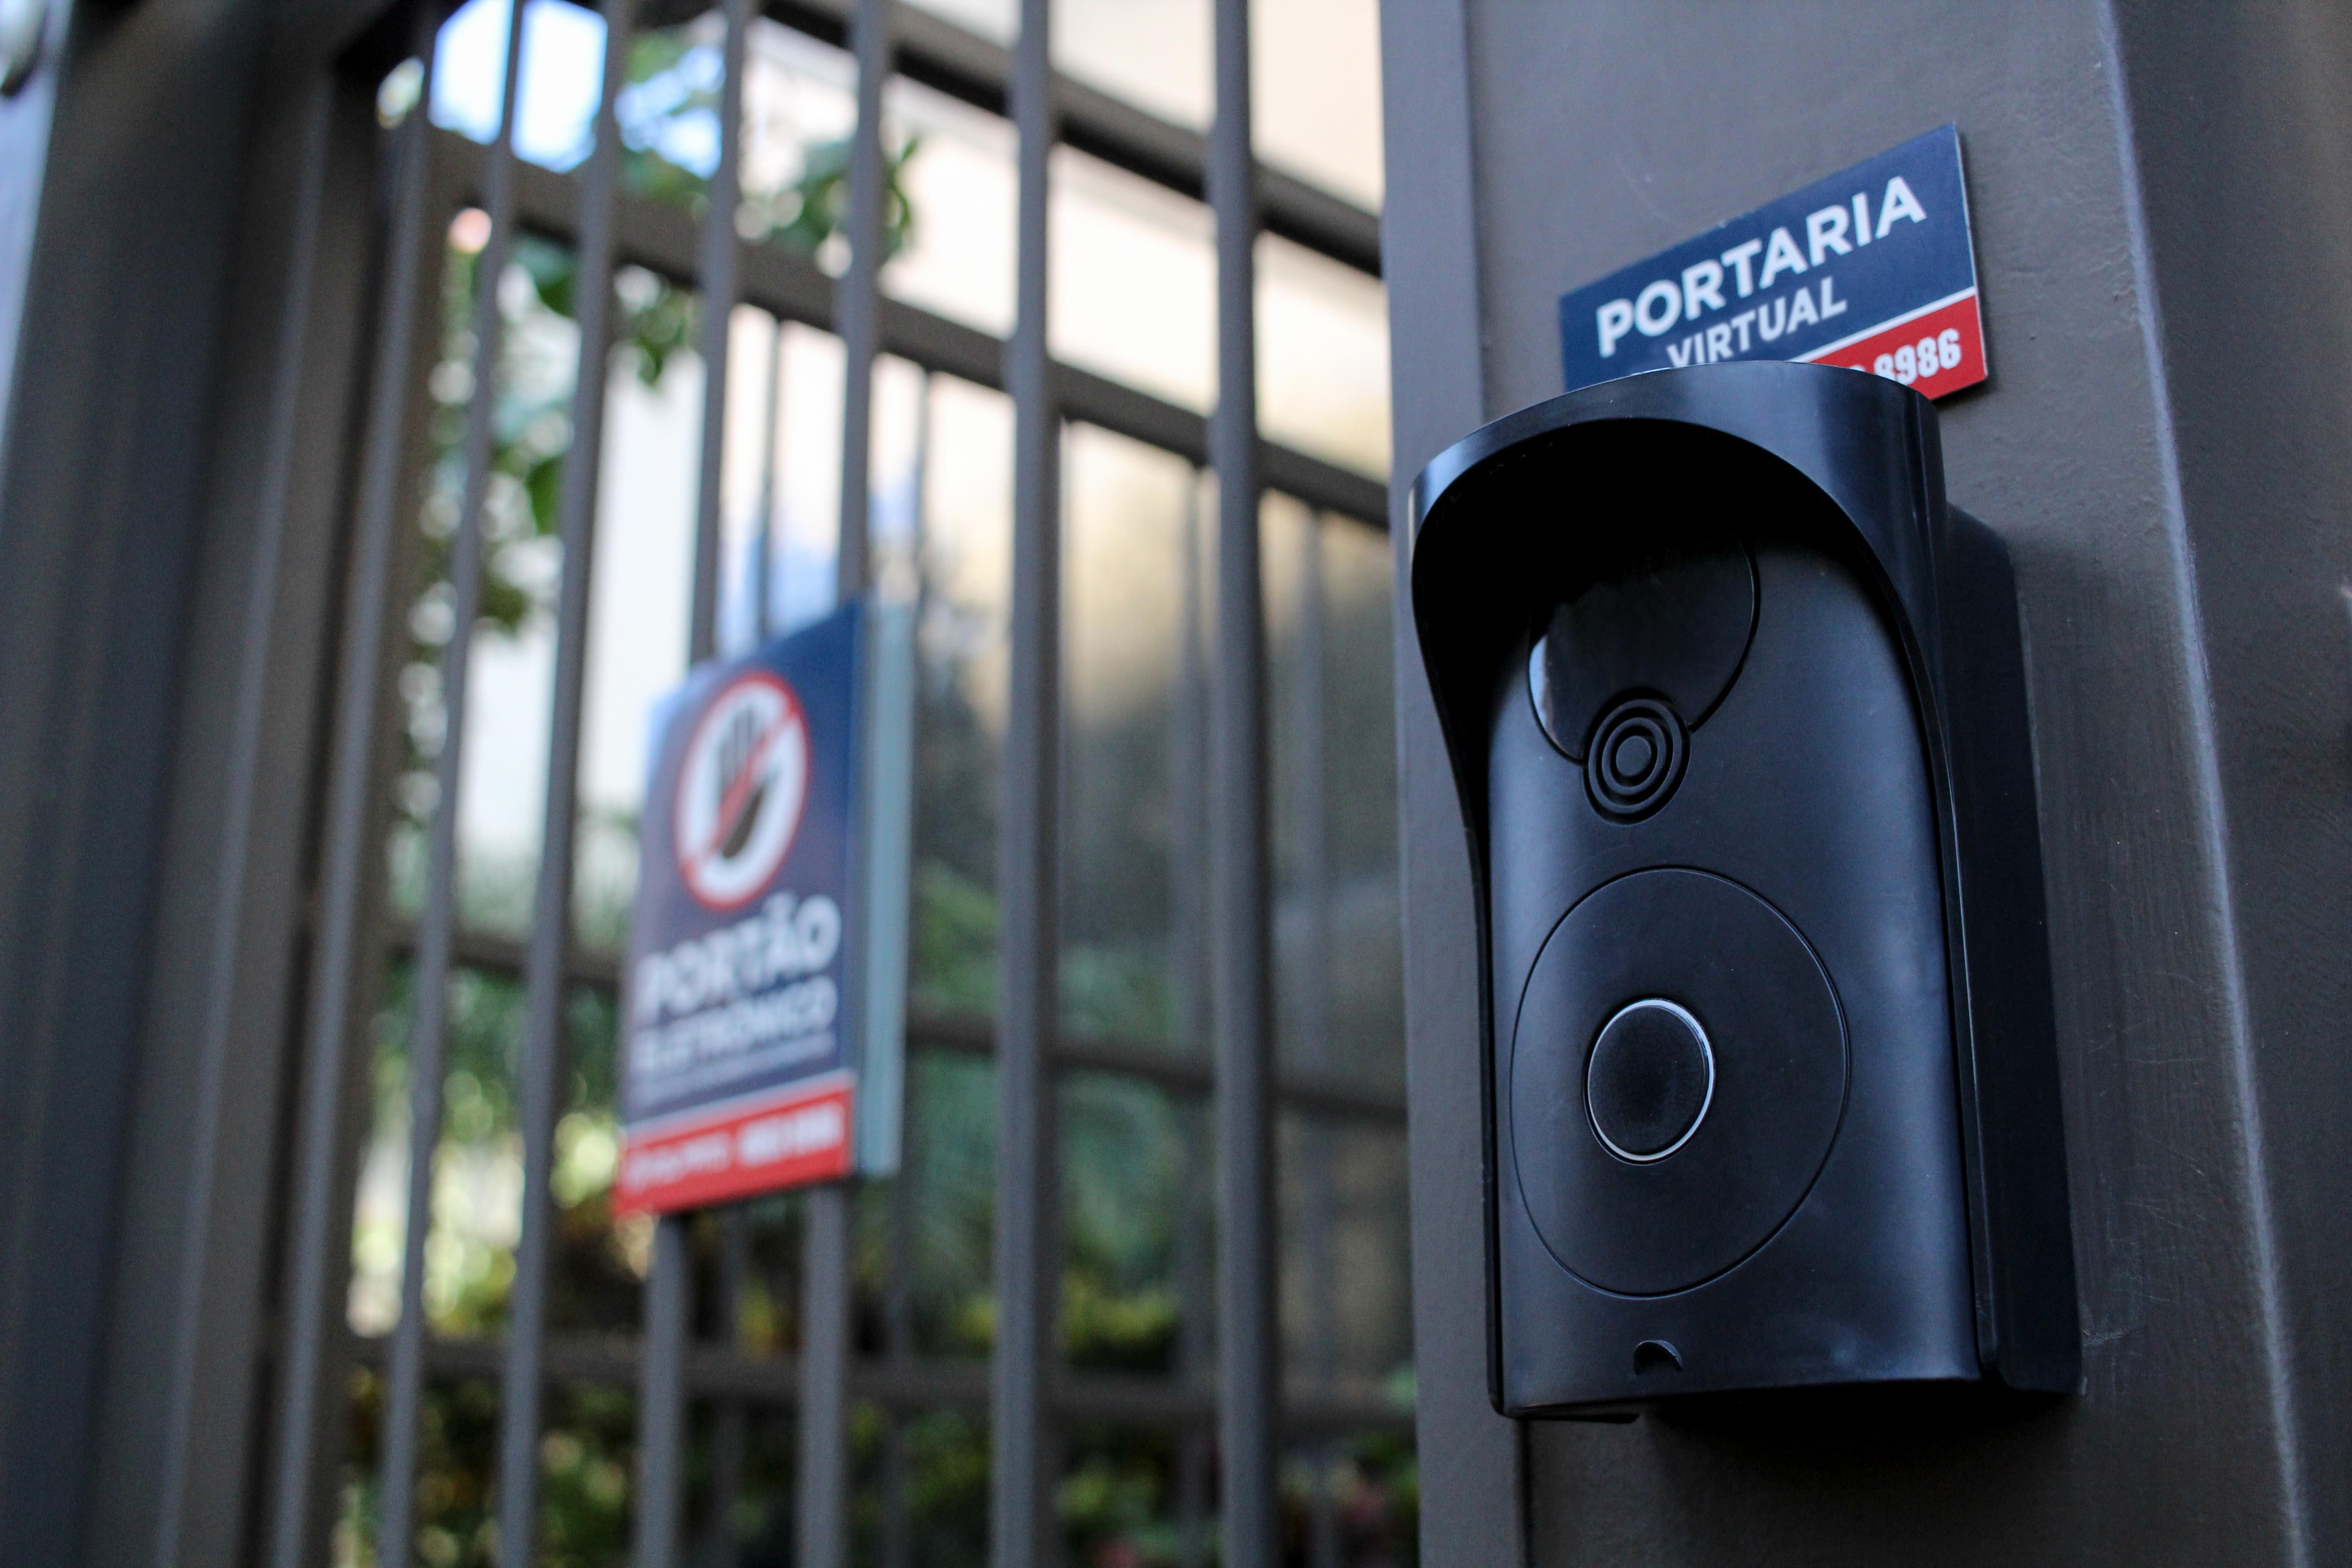 Como funciona a Portaria Virtual para condomínios